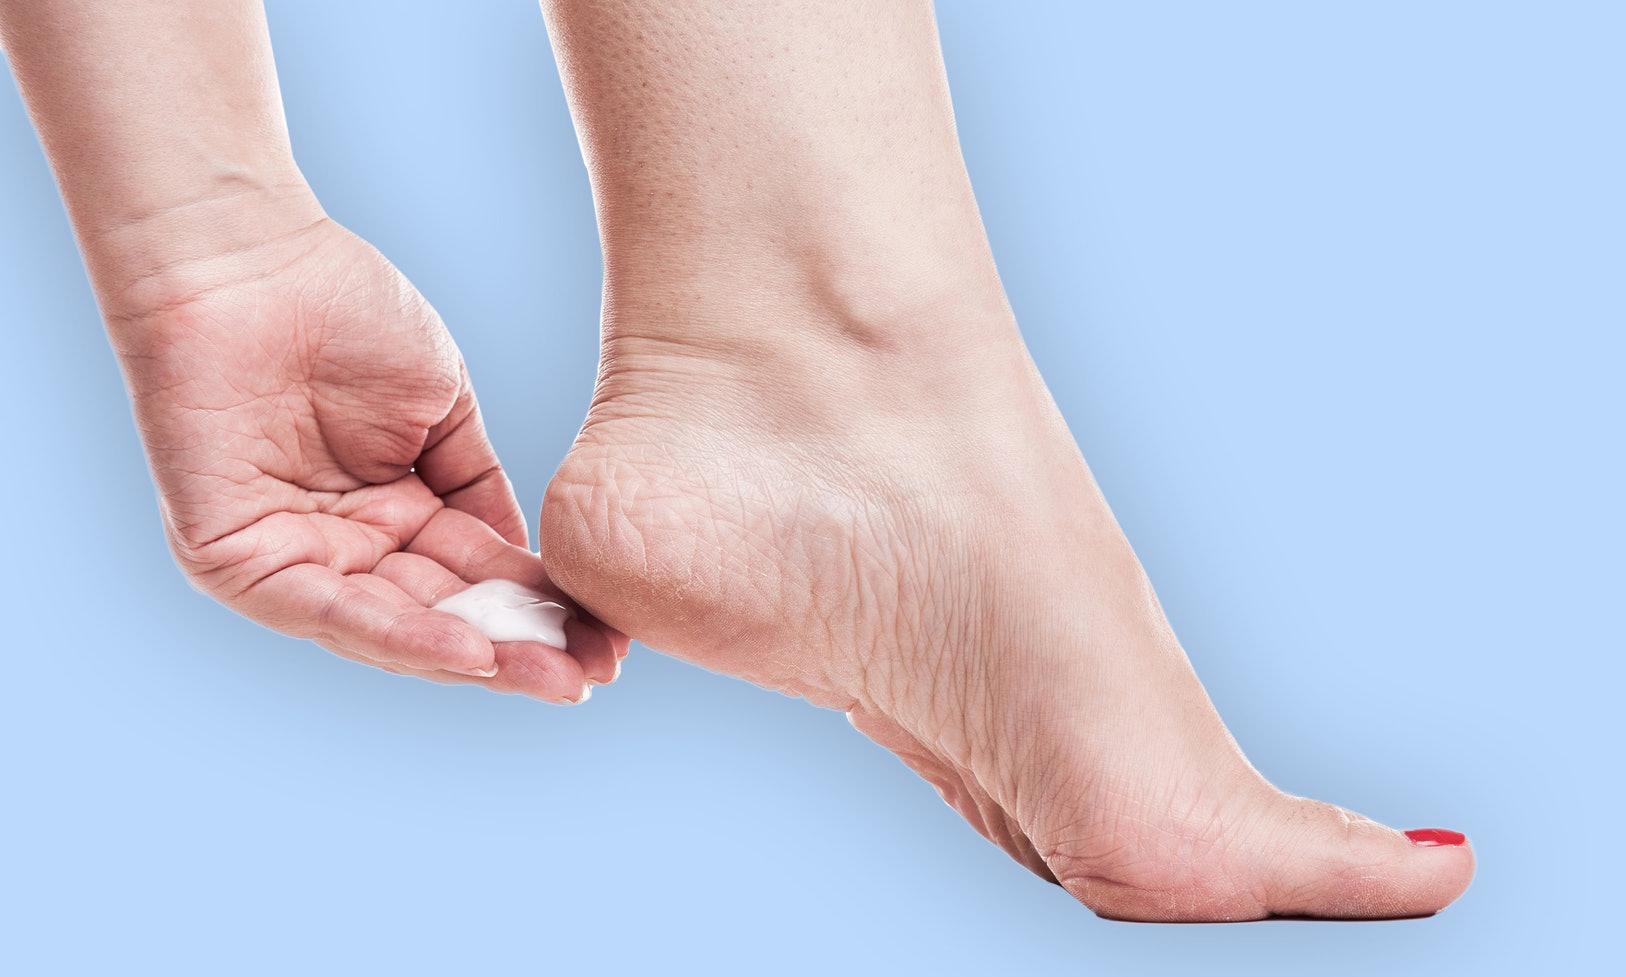 cracked skin on heels